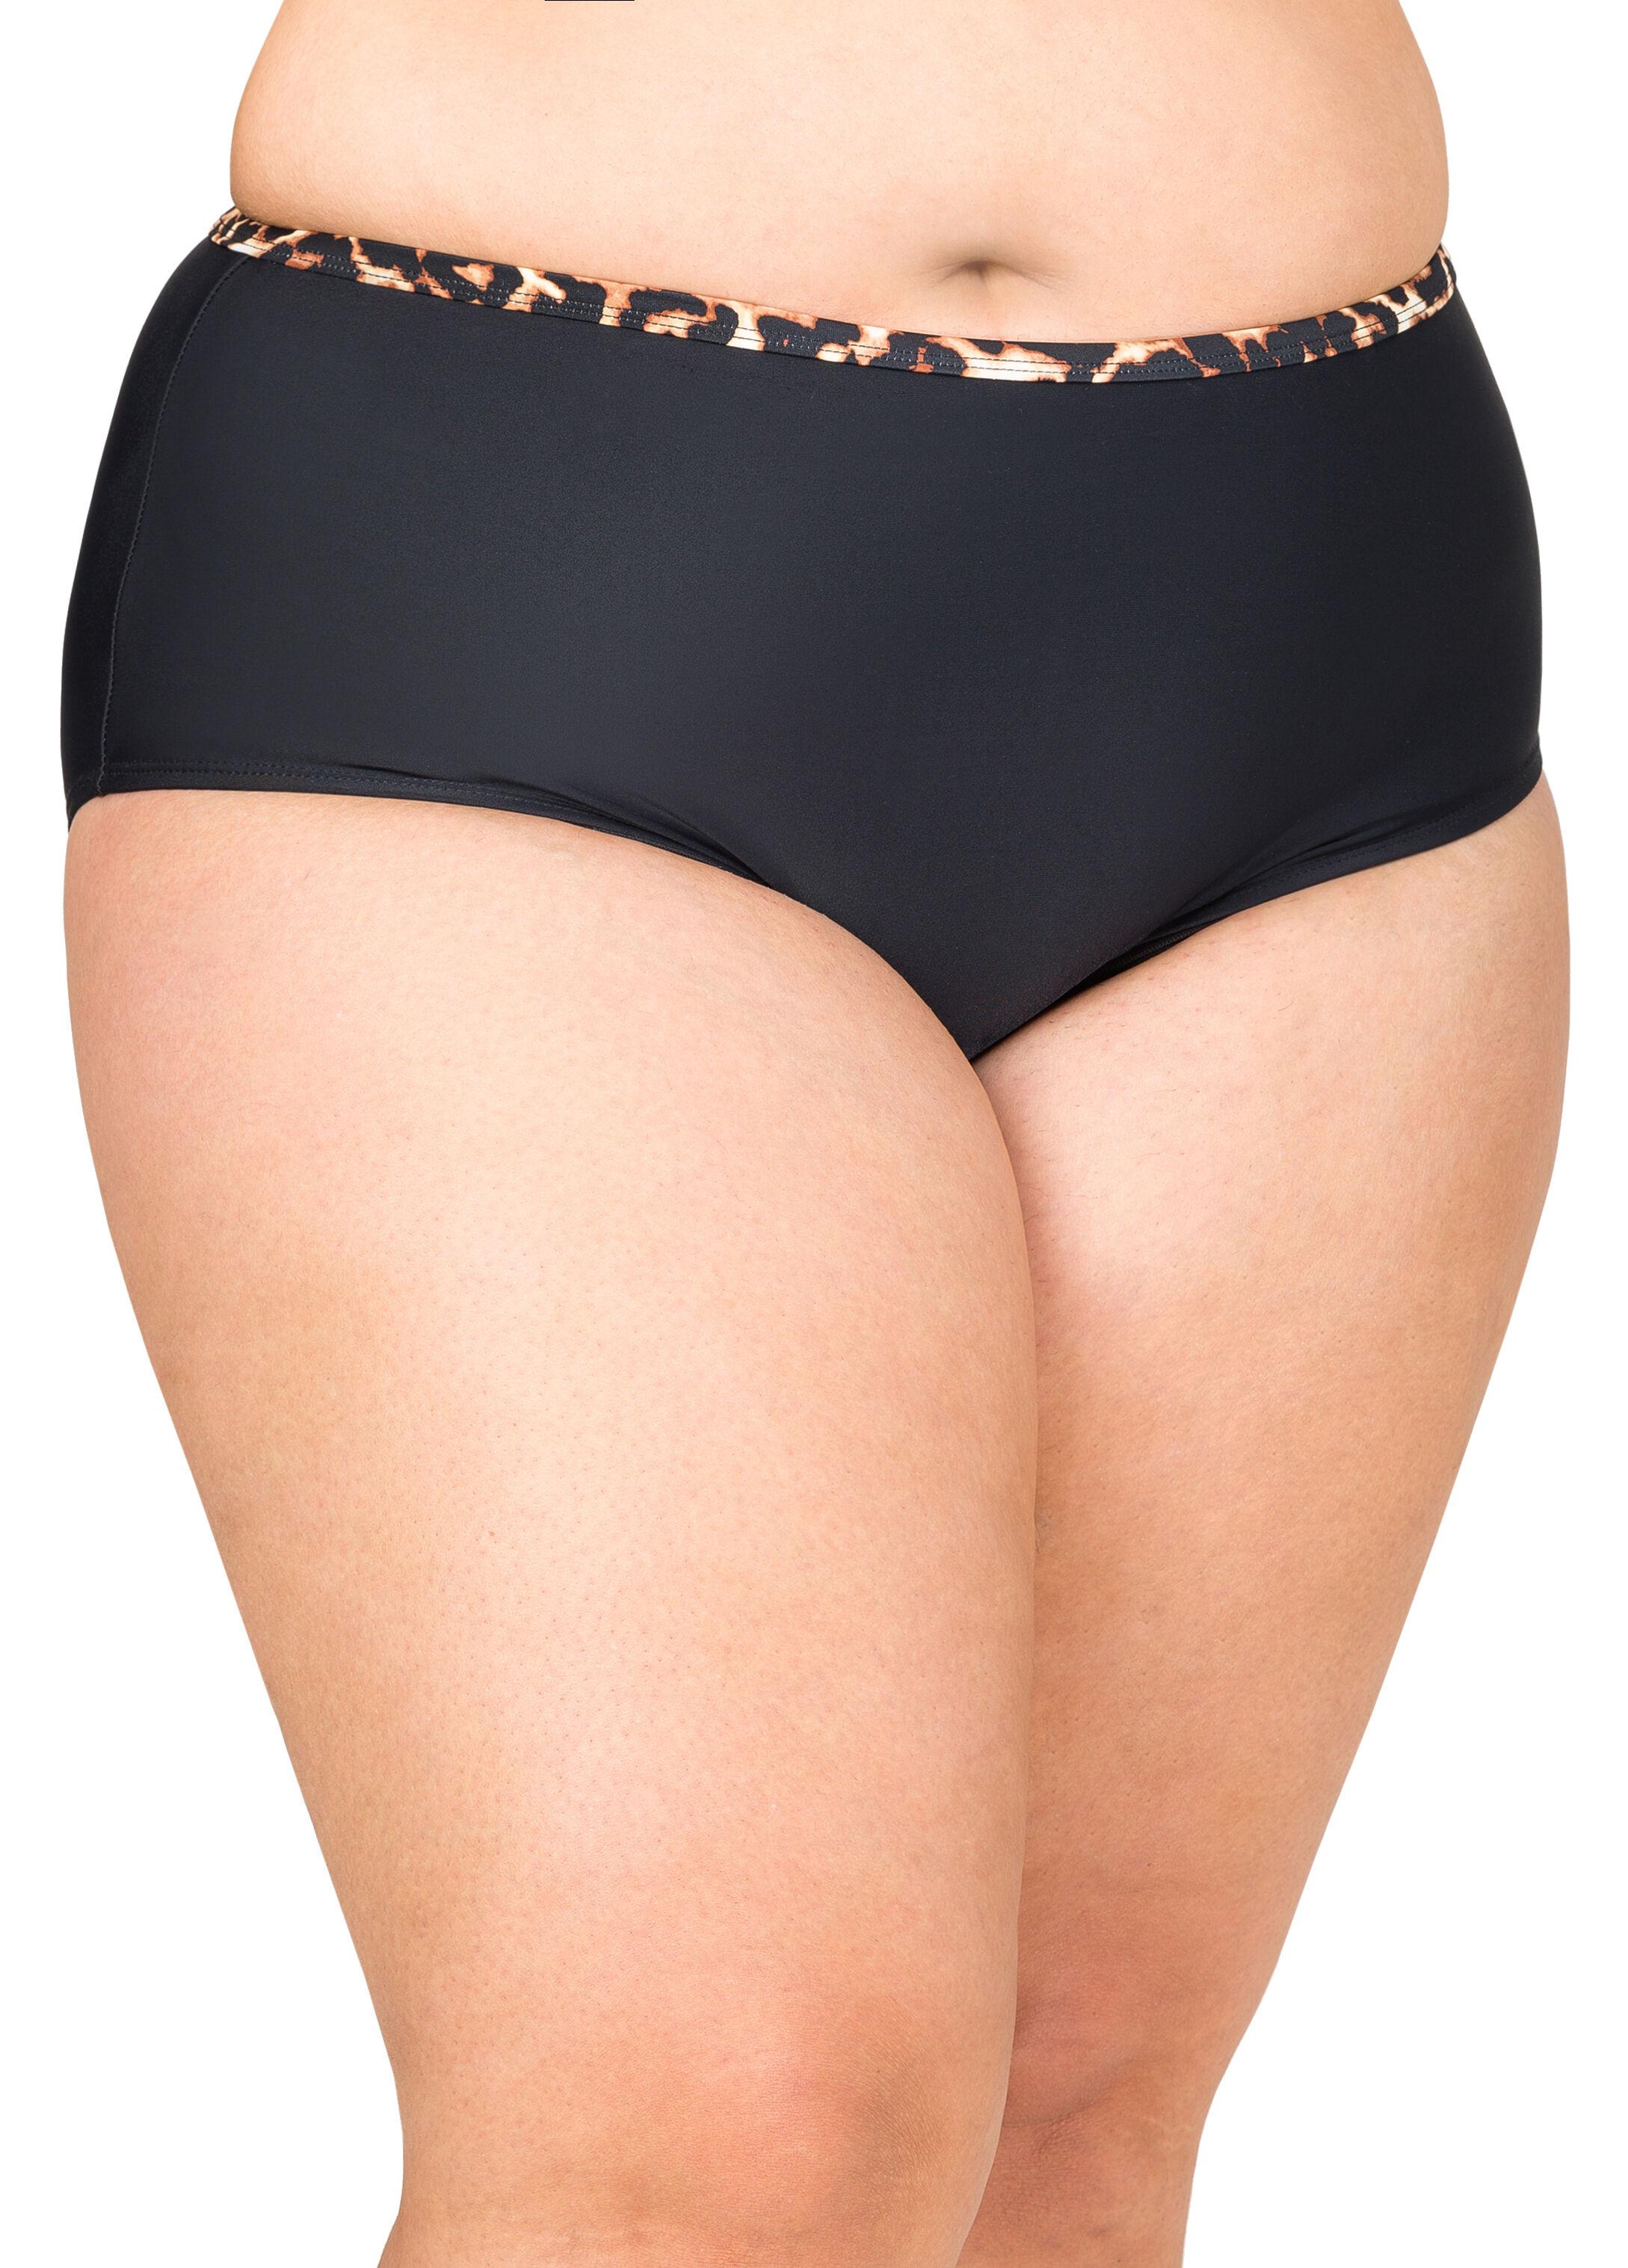 Leopard Trim High Waist Bikini Bottom